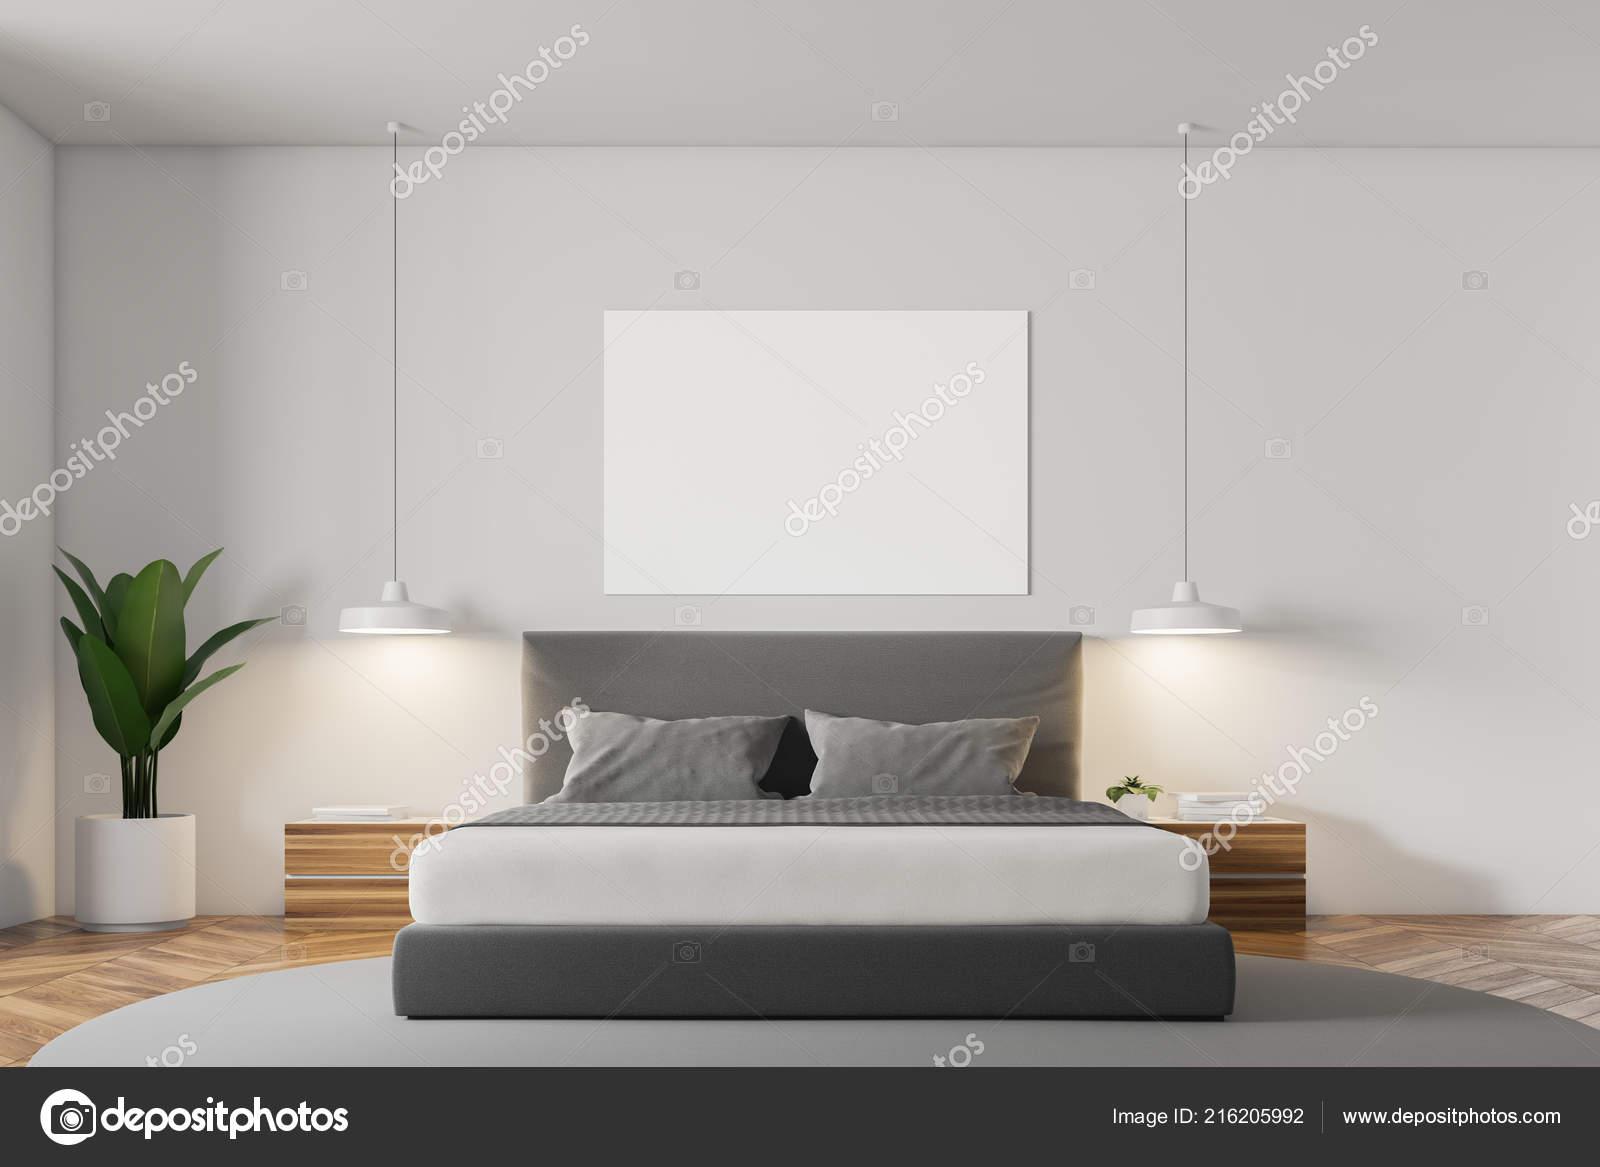 Witte muur minimalistische slaapkamer interieur met een houten vloer